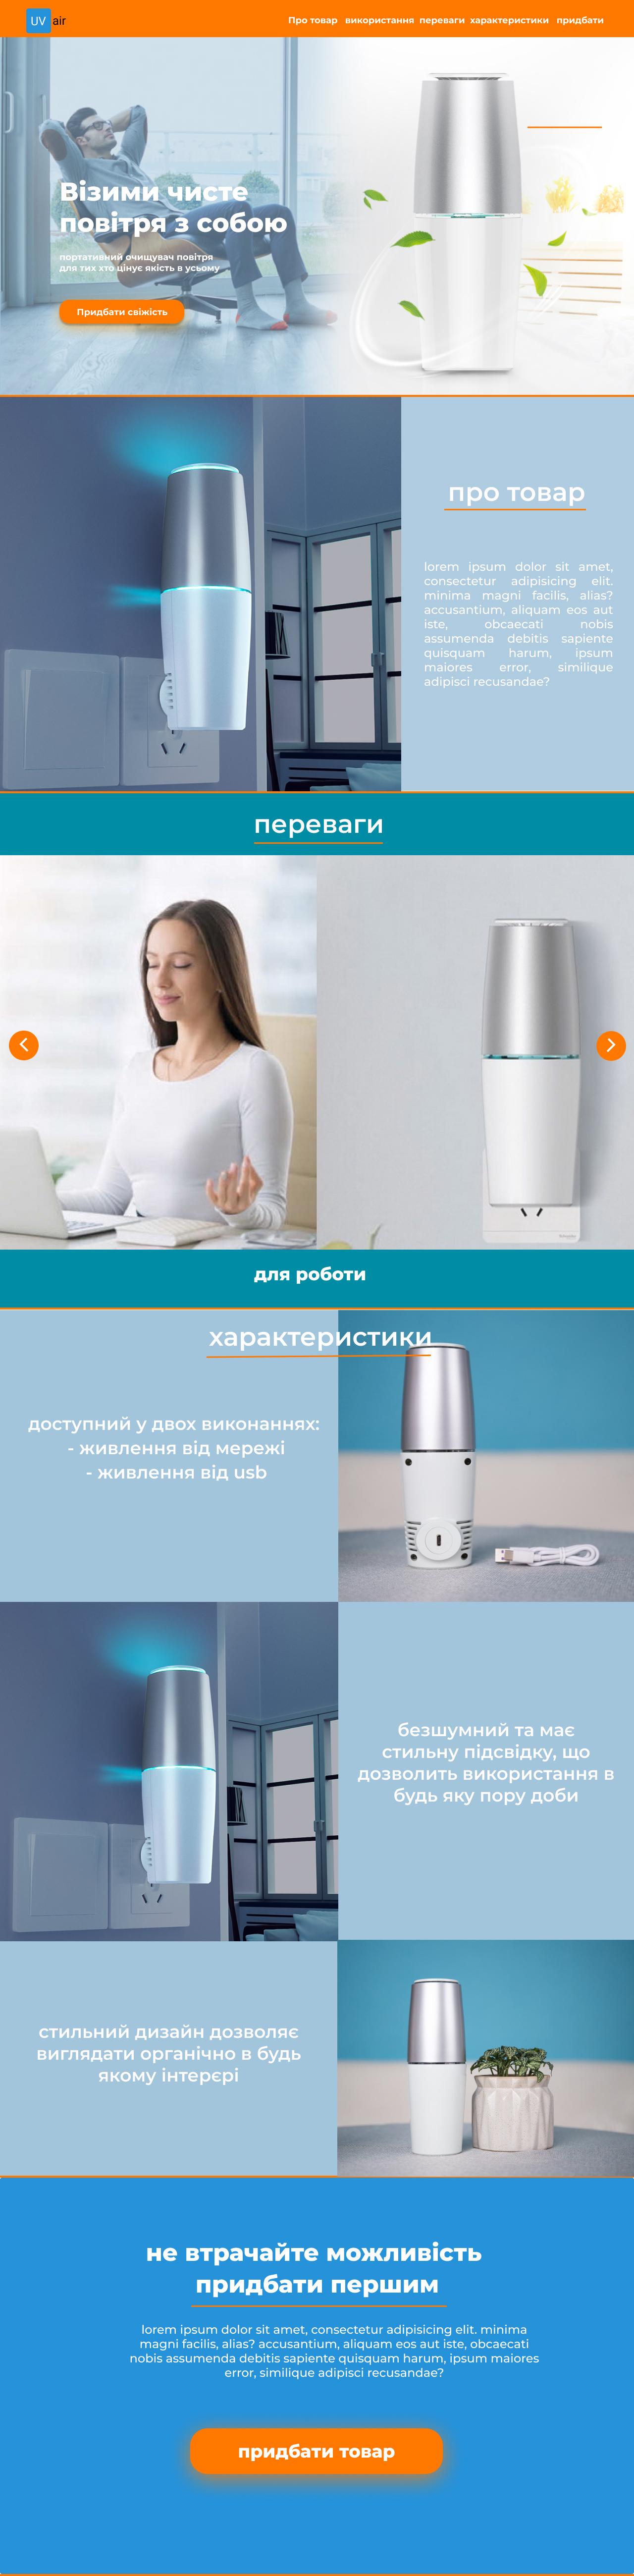 Фото Дизайн та верстка адаптивного лендінгу для продажі портативного очищувача повітря